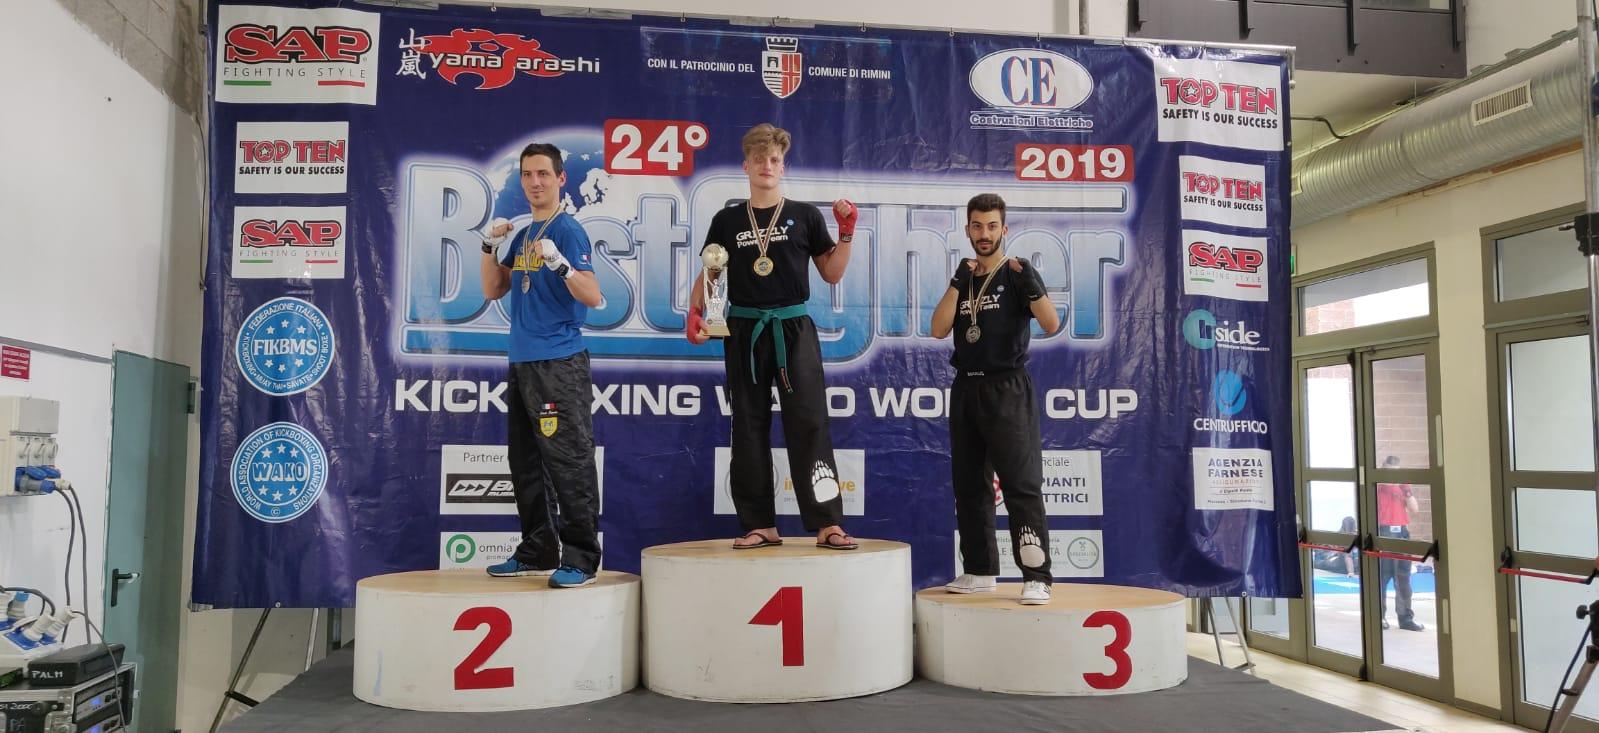 Kickboxing: il GPT di Napoli porta a casa 3 ori, 3 argenti e 2 bronzi